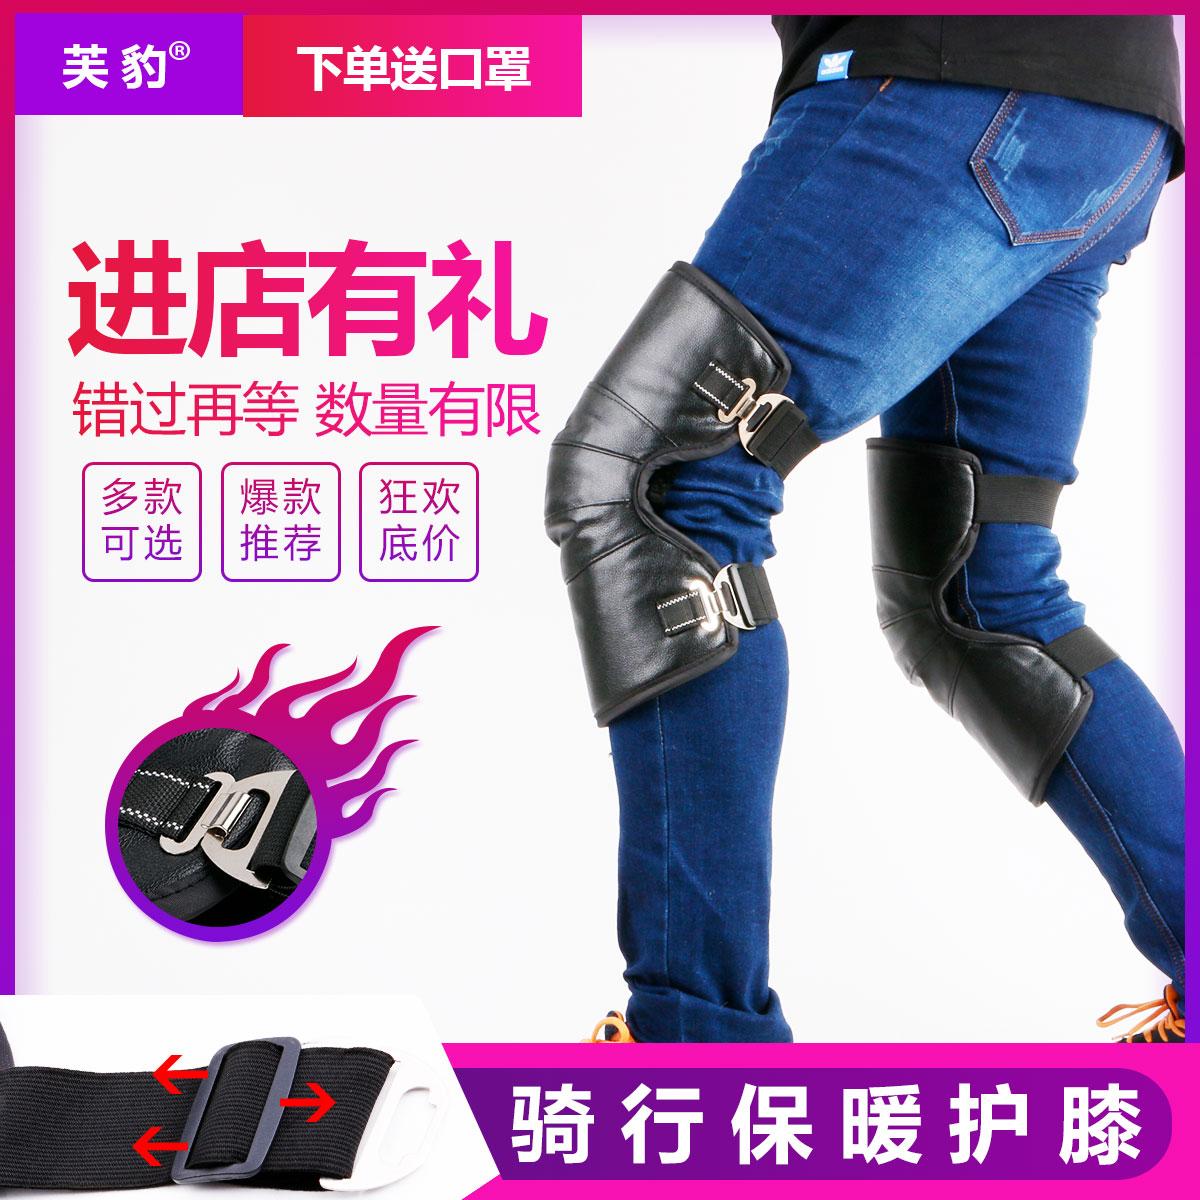 冬季摩托车护膝护具电瓶电动车挡风防寒加厚保暖防水骑行短款护腿